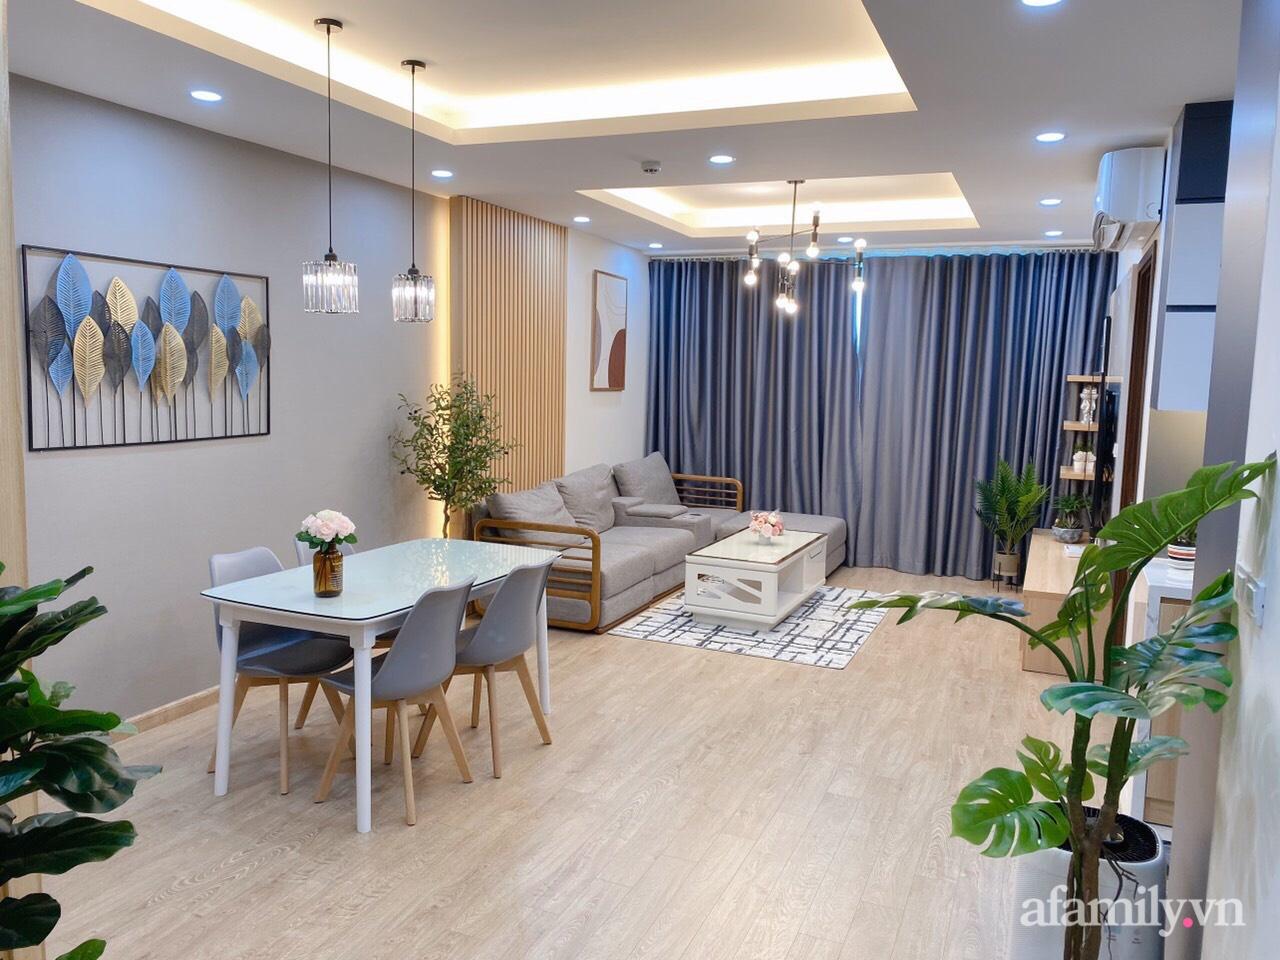 Căn hộ 92m² đong đầy hạnh phúc với nội thất đơn giản, hiện đại của vợ chồng trẻ Hà Nội - Ảnh 1.